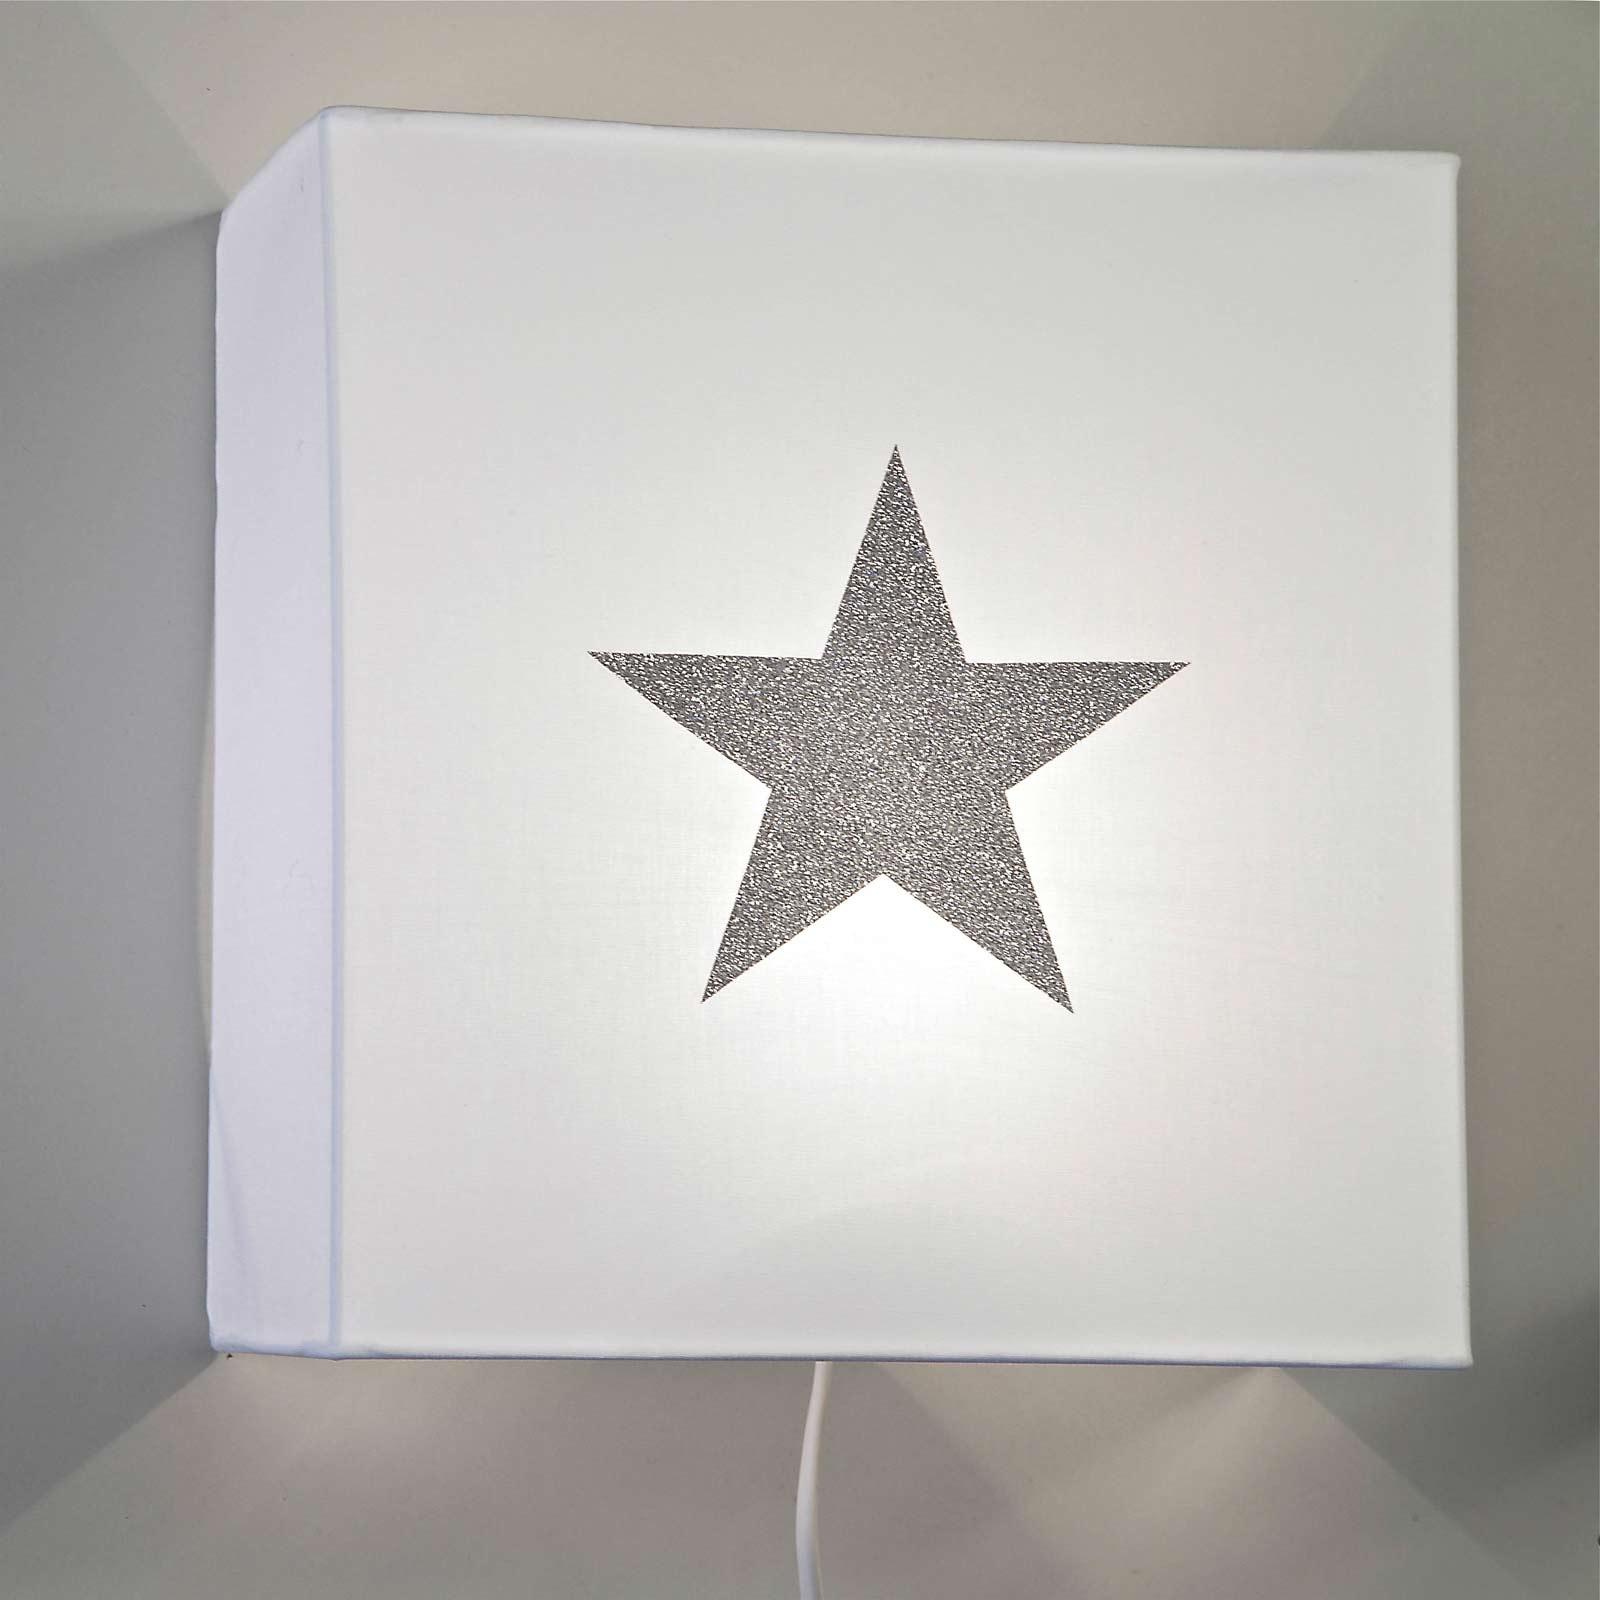 Lampe De Idée Applique Garcon Chambre Bebe Maison Et Murale Luminaire f7gvmIb6Yy